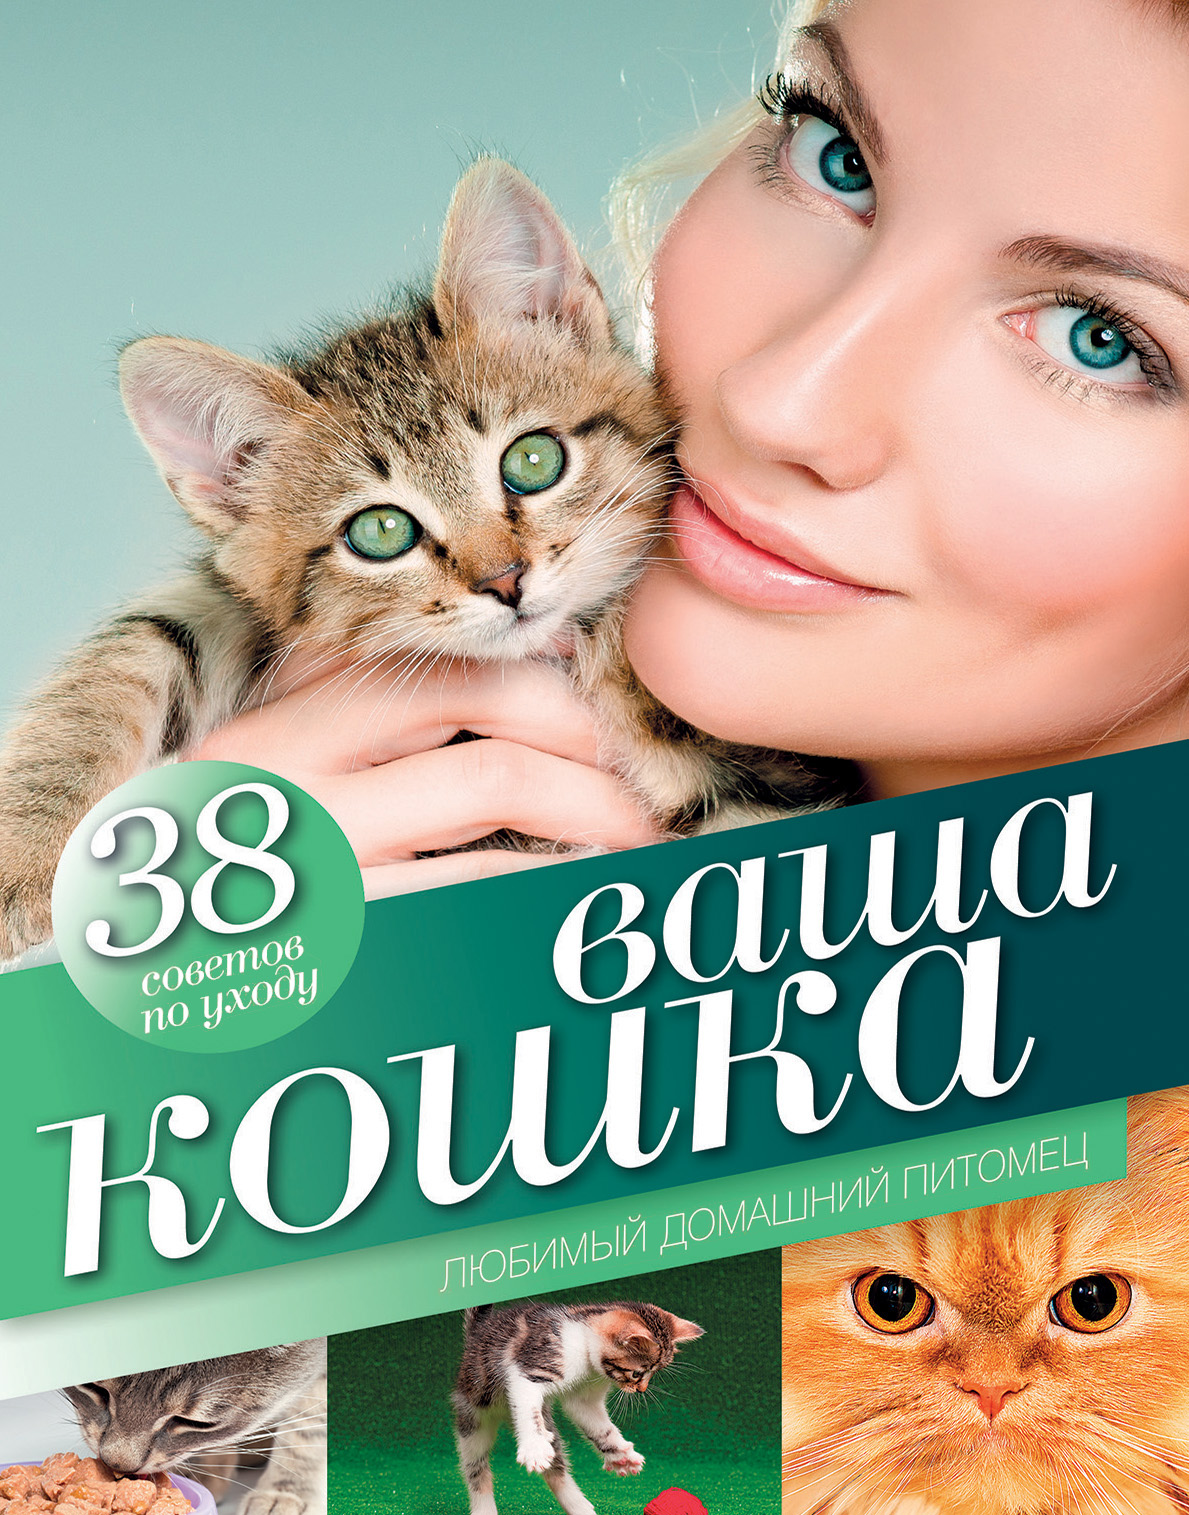 Ирина Скидневская Ваша кошка. Любимый домашний питомец калинина а рысь брысь или кошка о кошках